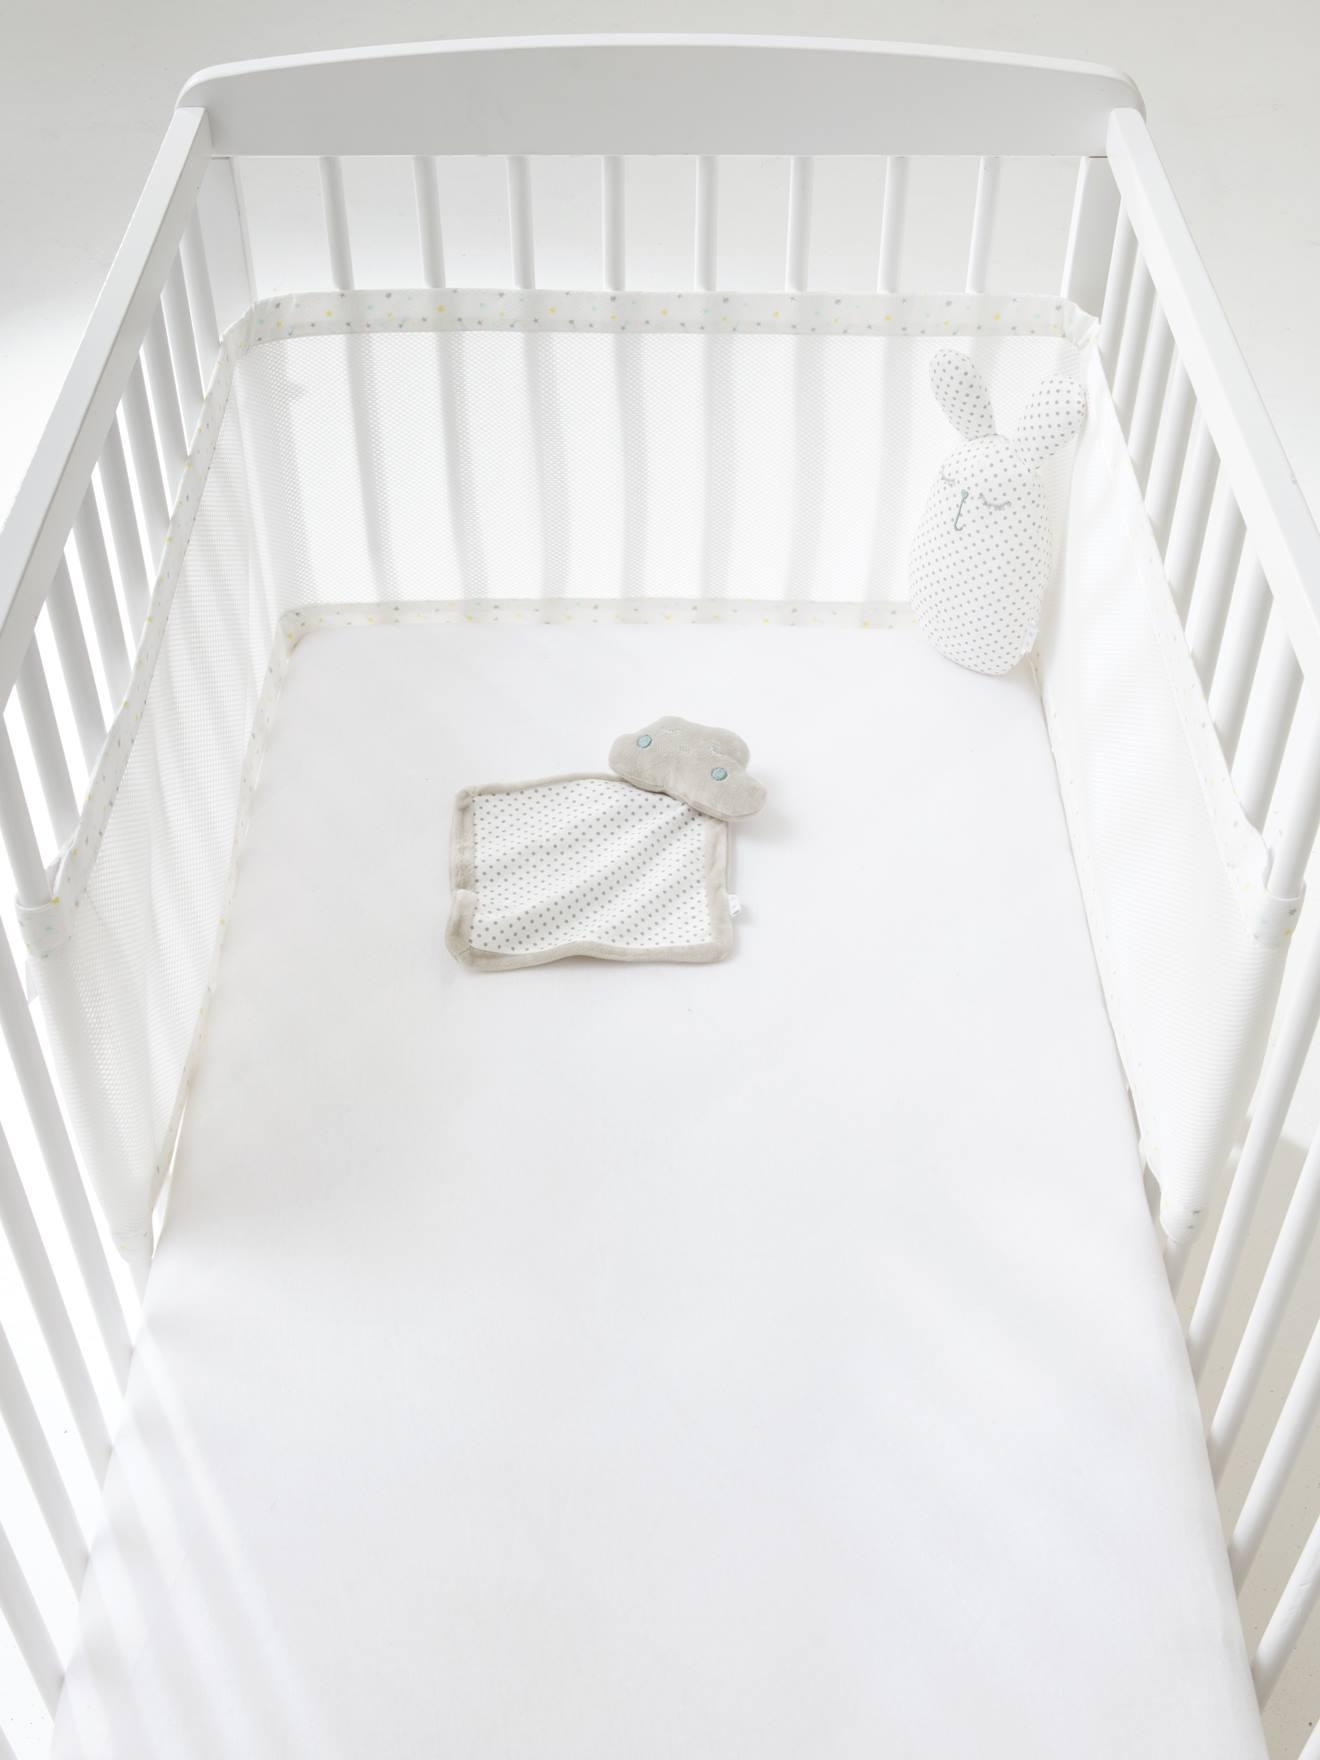 lit bebe vertbaudet. Black Bedroom Furniture Sets. Home Design Ideas